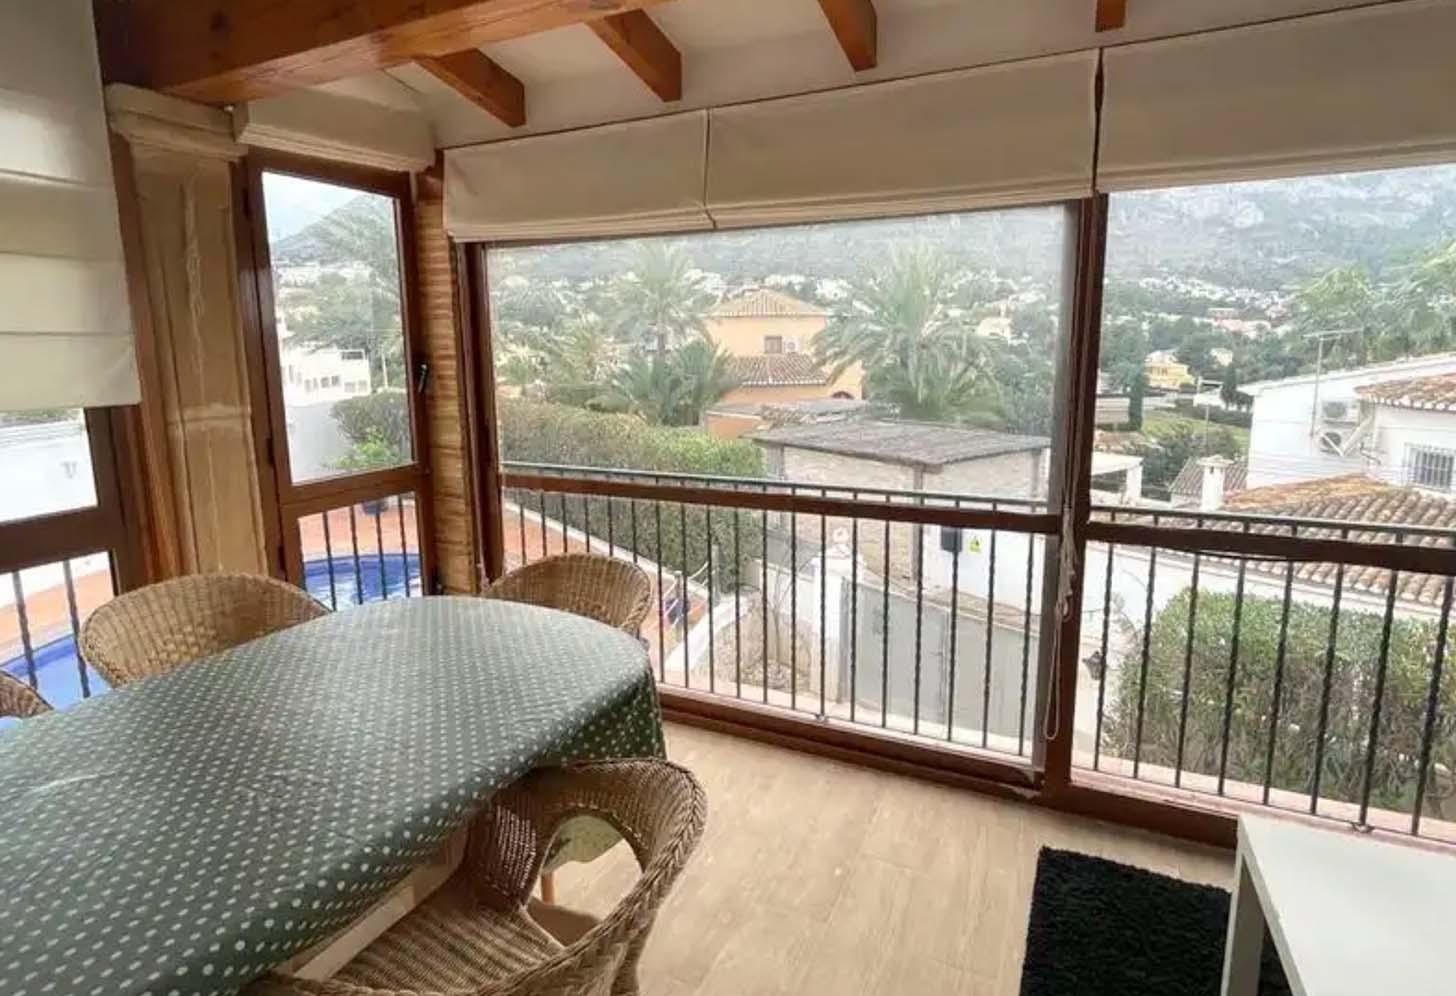 immobilier acheter une maison à dénia 004 terrasse